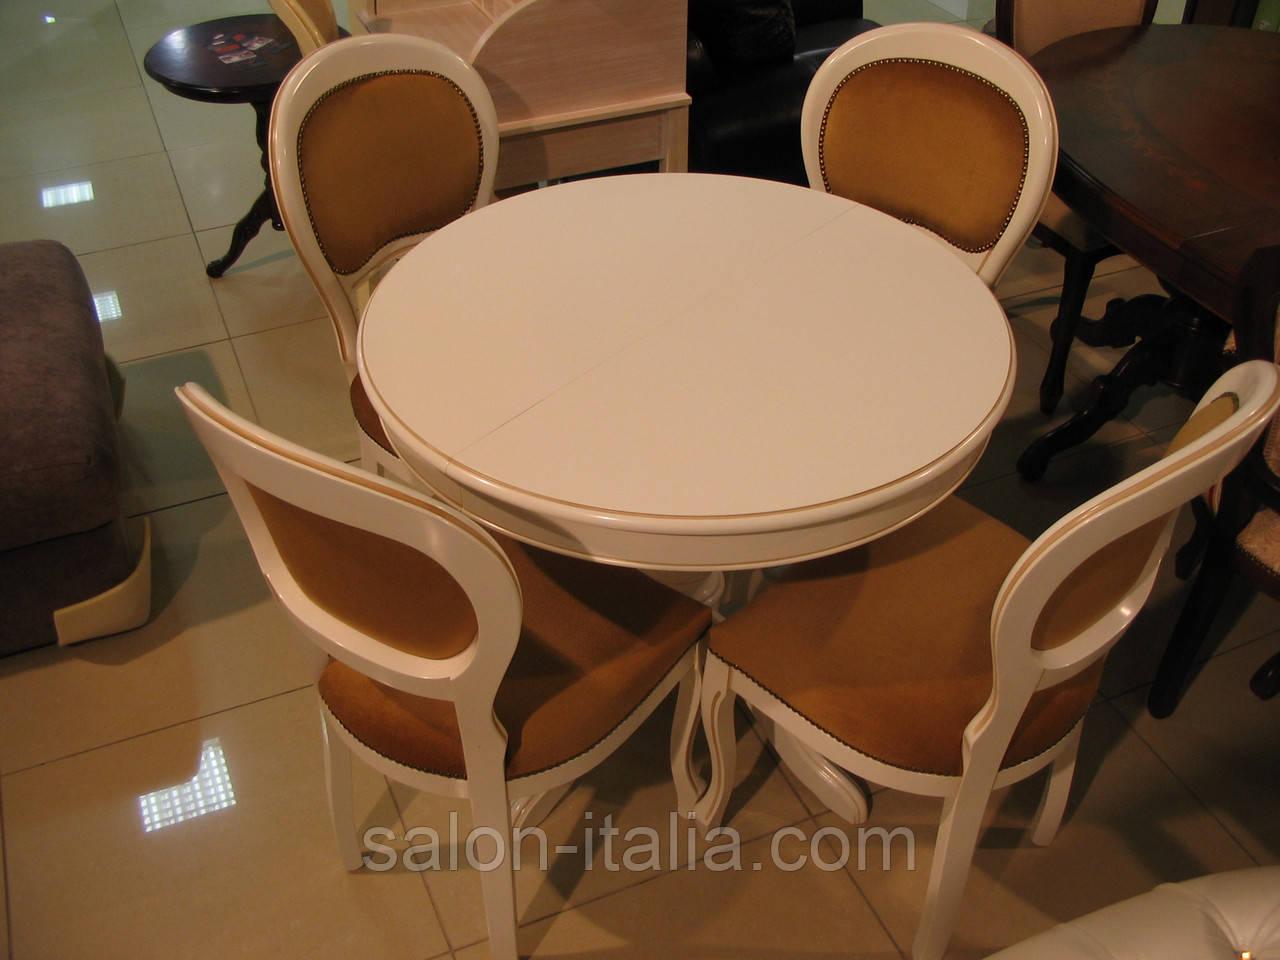 Стіл круглий ВТС (Італія) 90см, розкладний